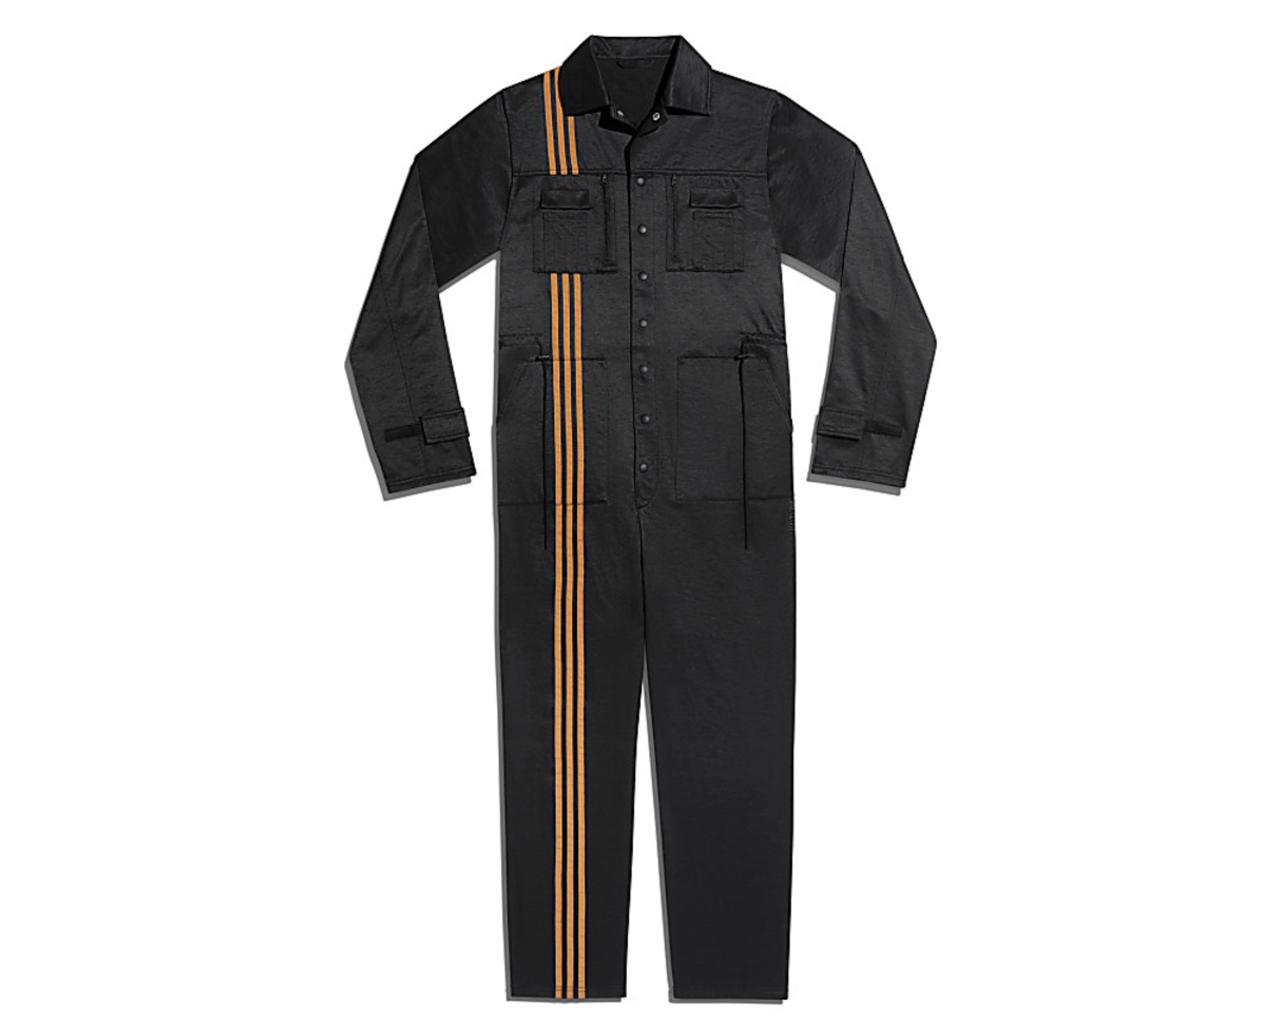 Adidas x Ivy Park 3-Stripes Jumpsuit (1)